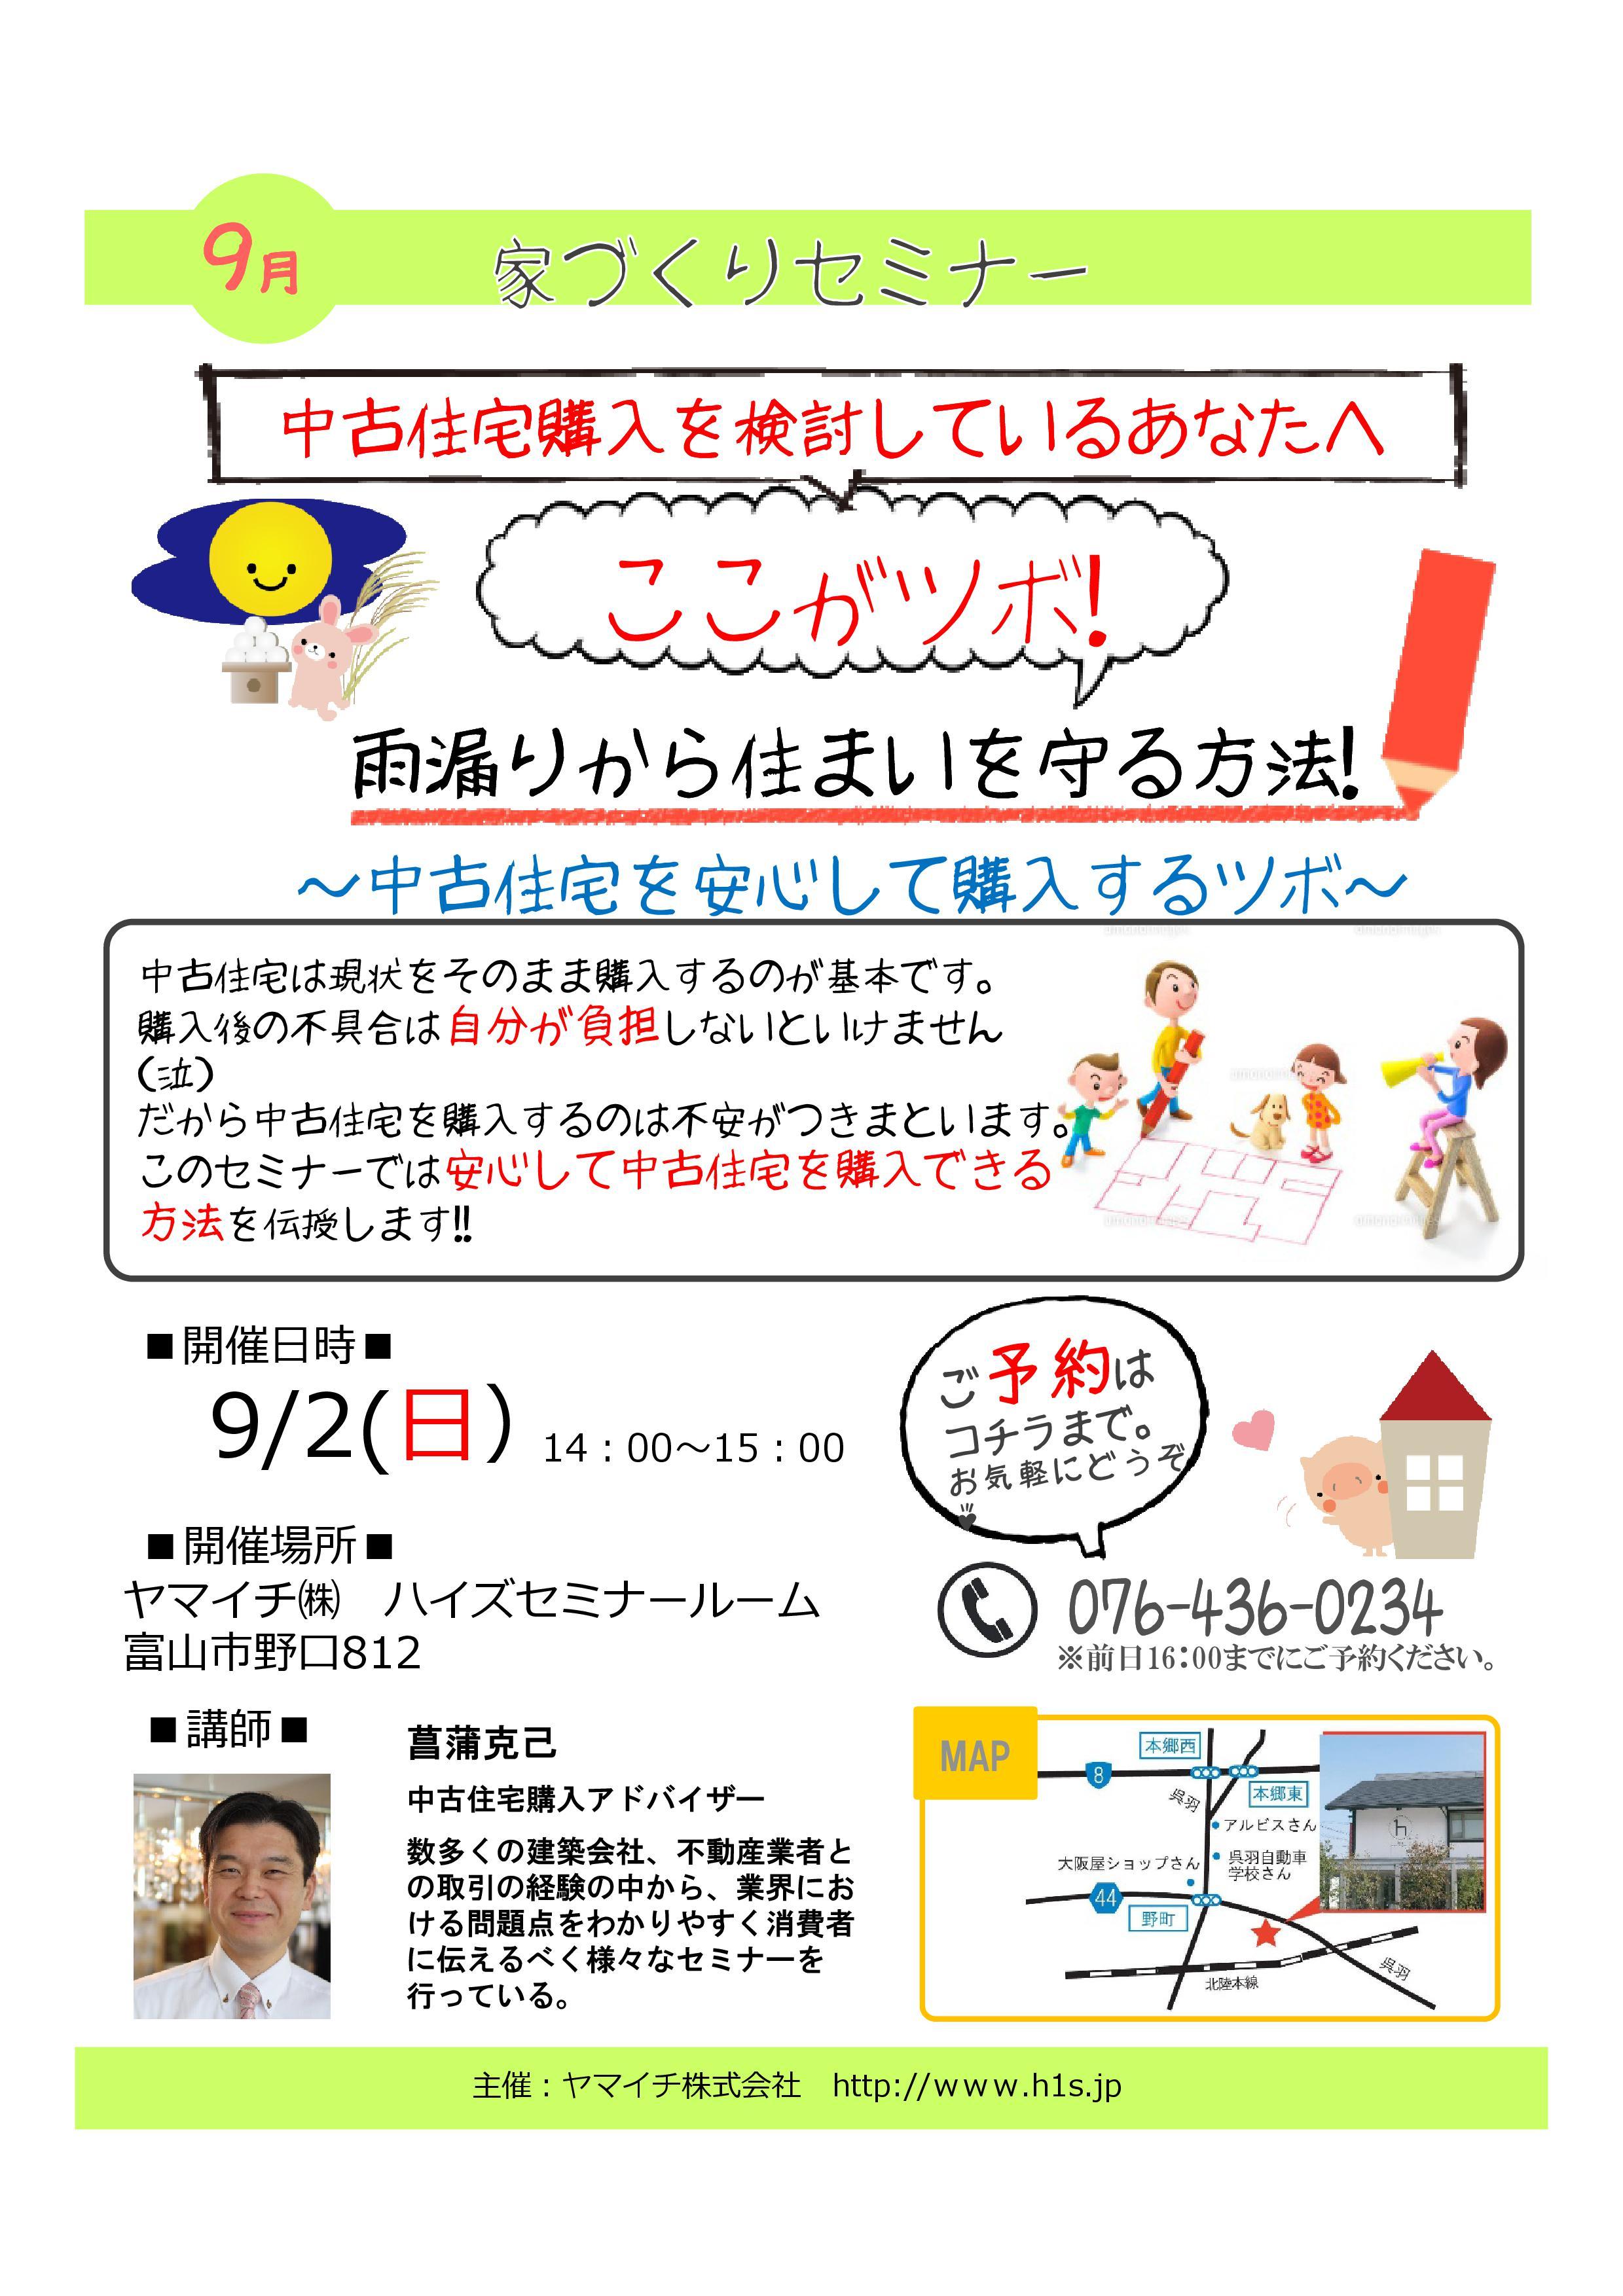 【セミナー】9/2(日)「雨漏りから住まいを守る方法」